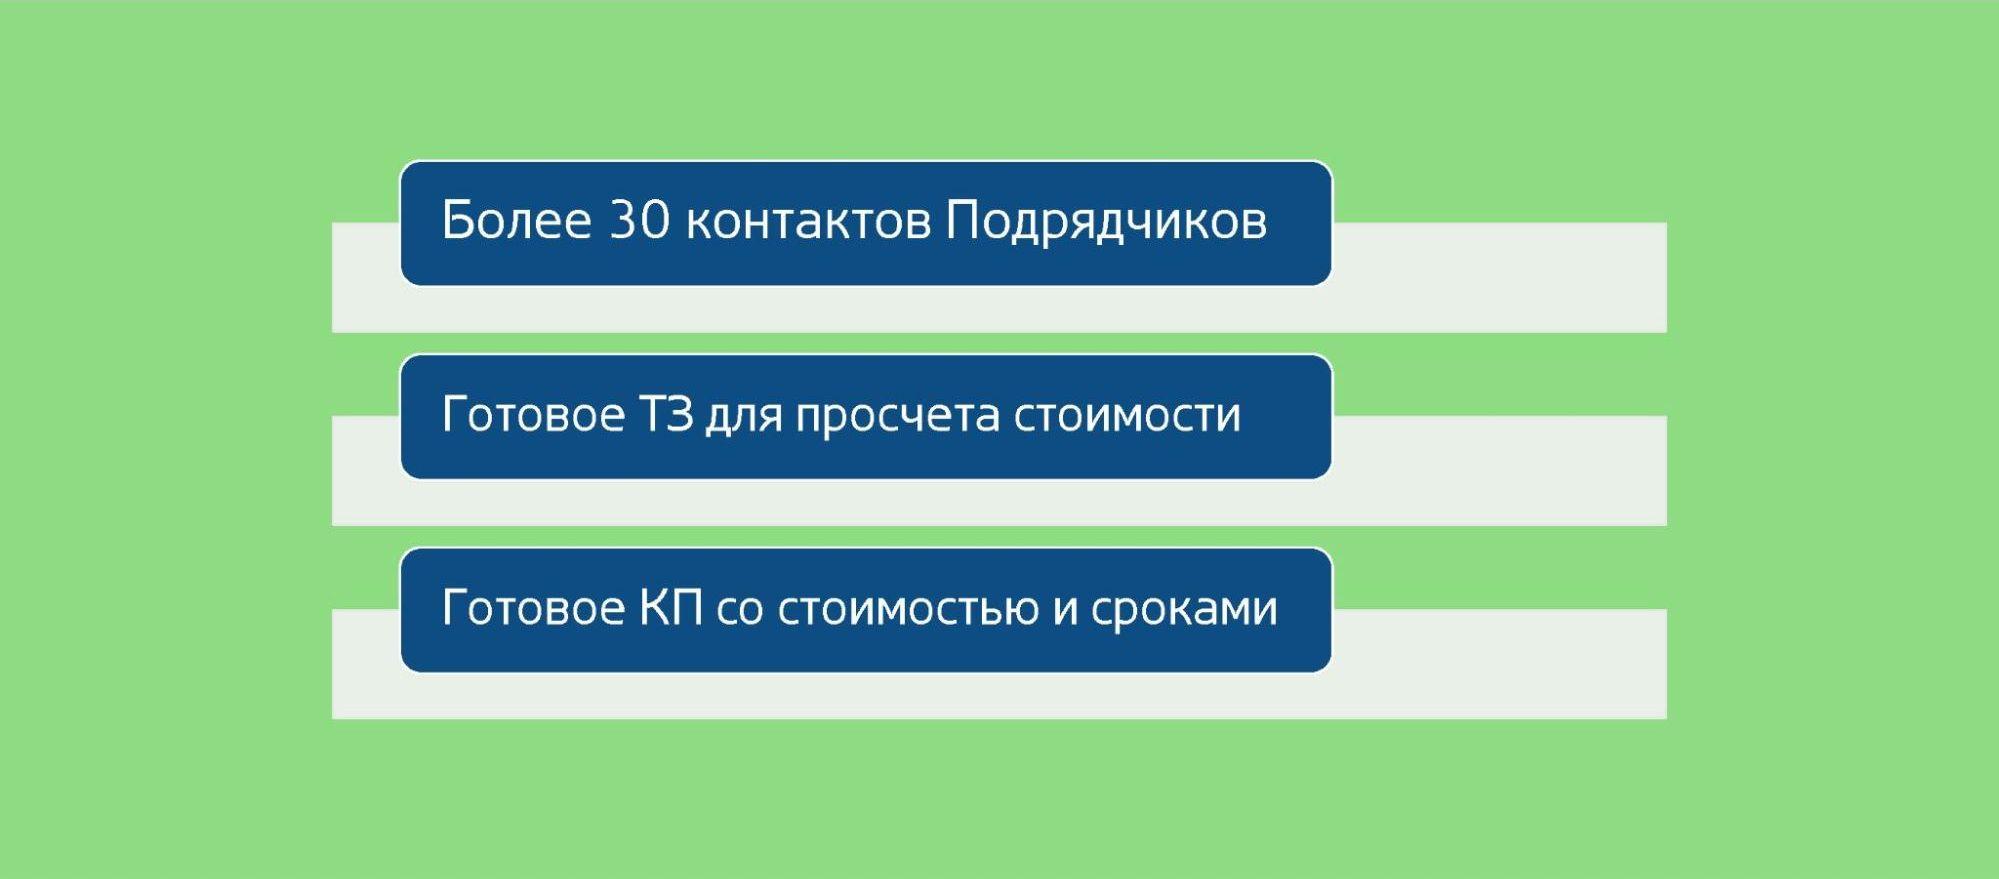 Как выбрать подрядчика для реализации ТЗ